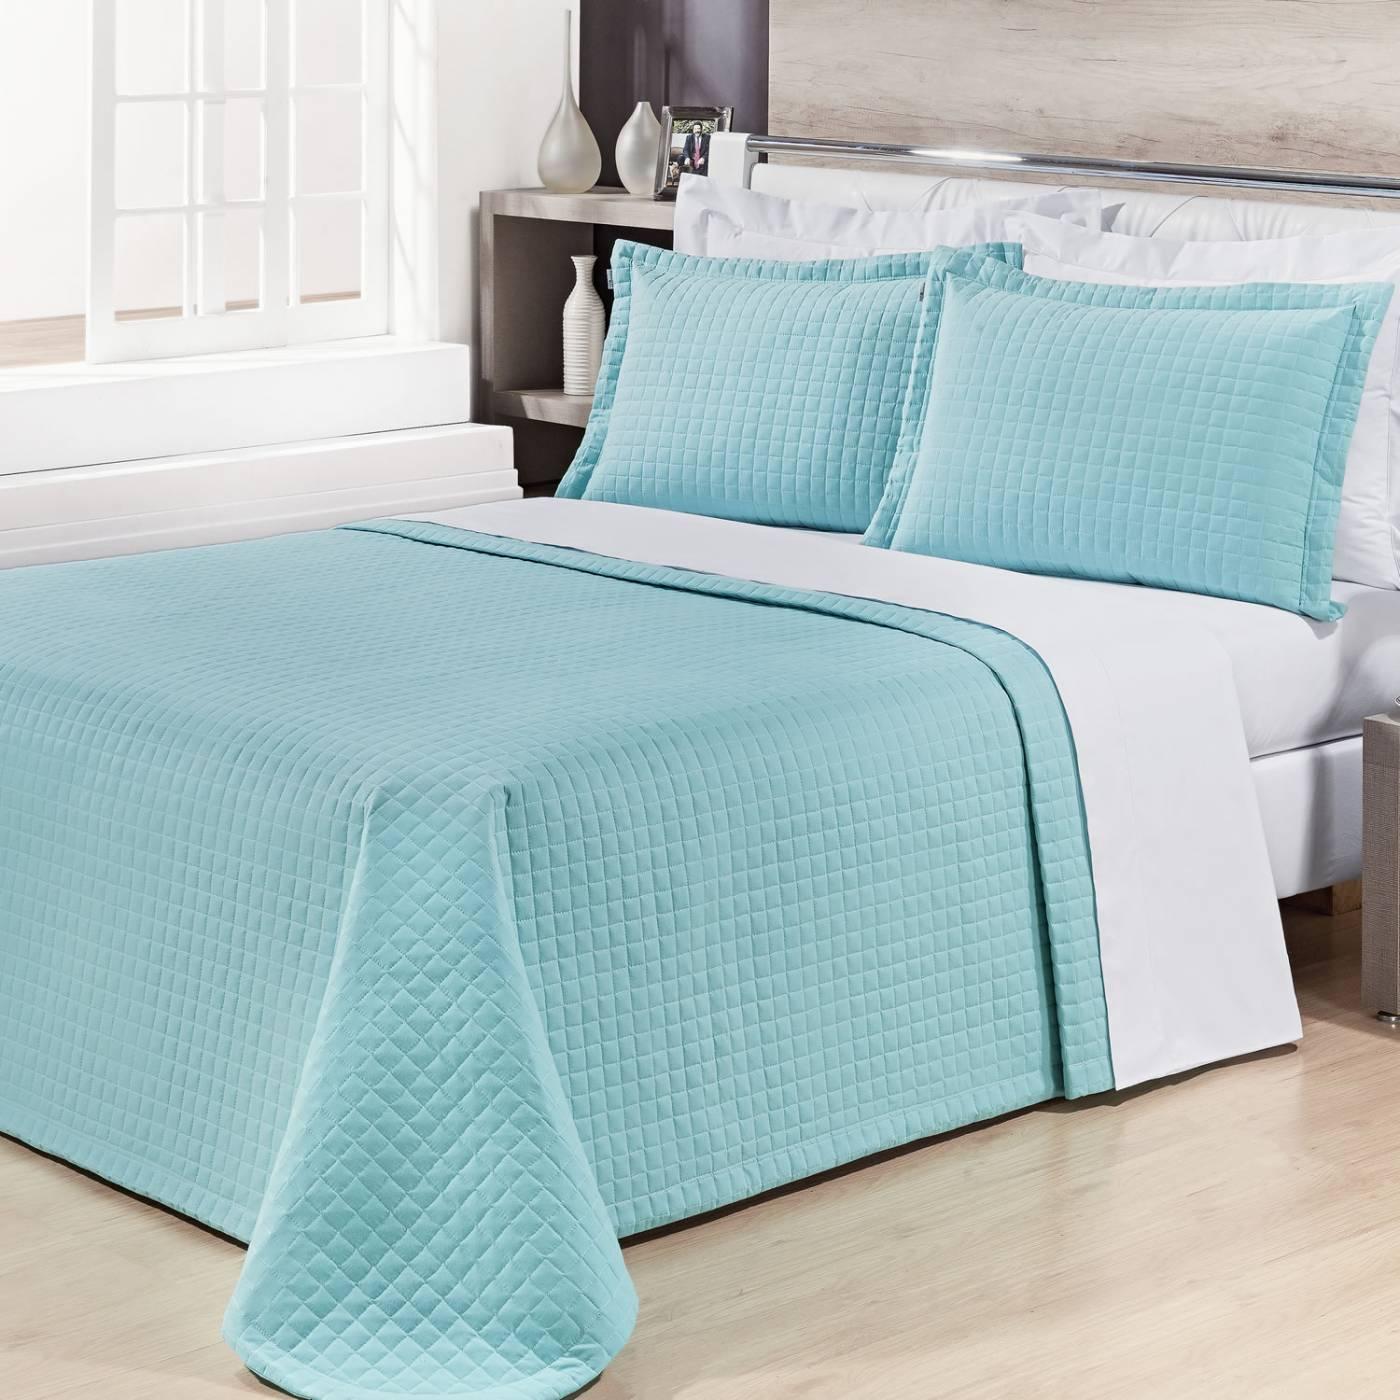 Cobre Leito Prátic Azul Tiffany Super King